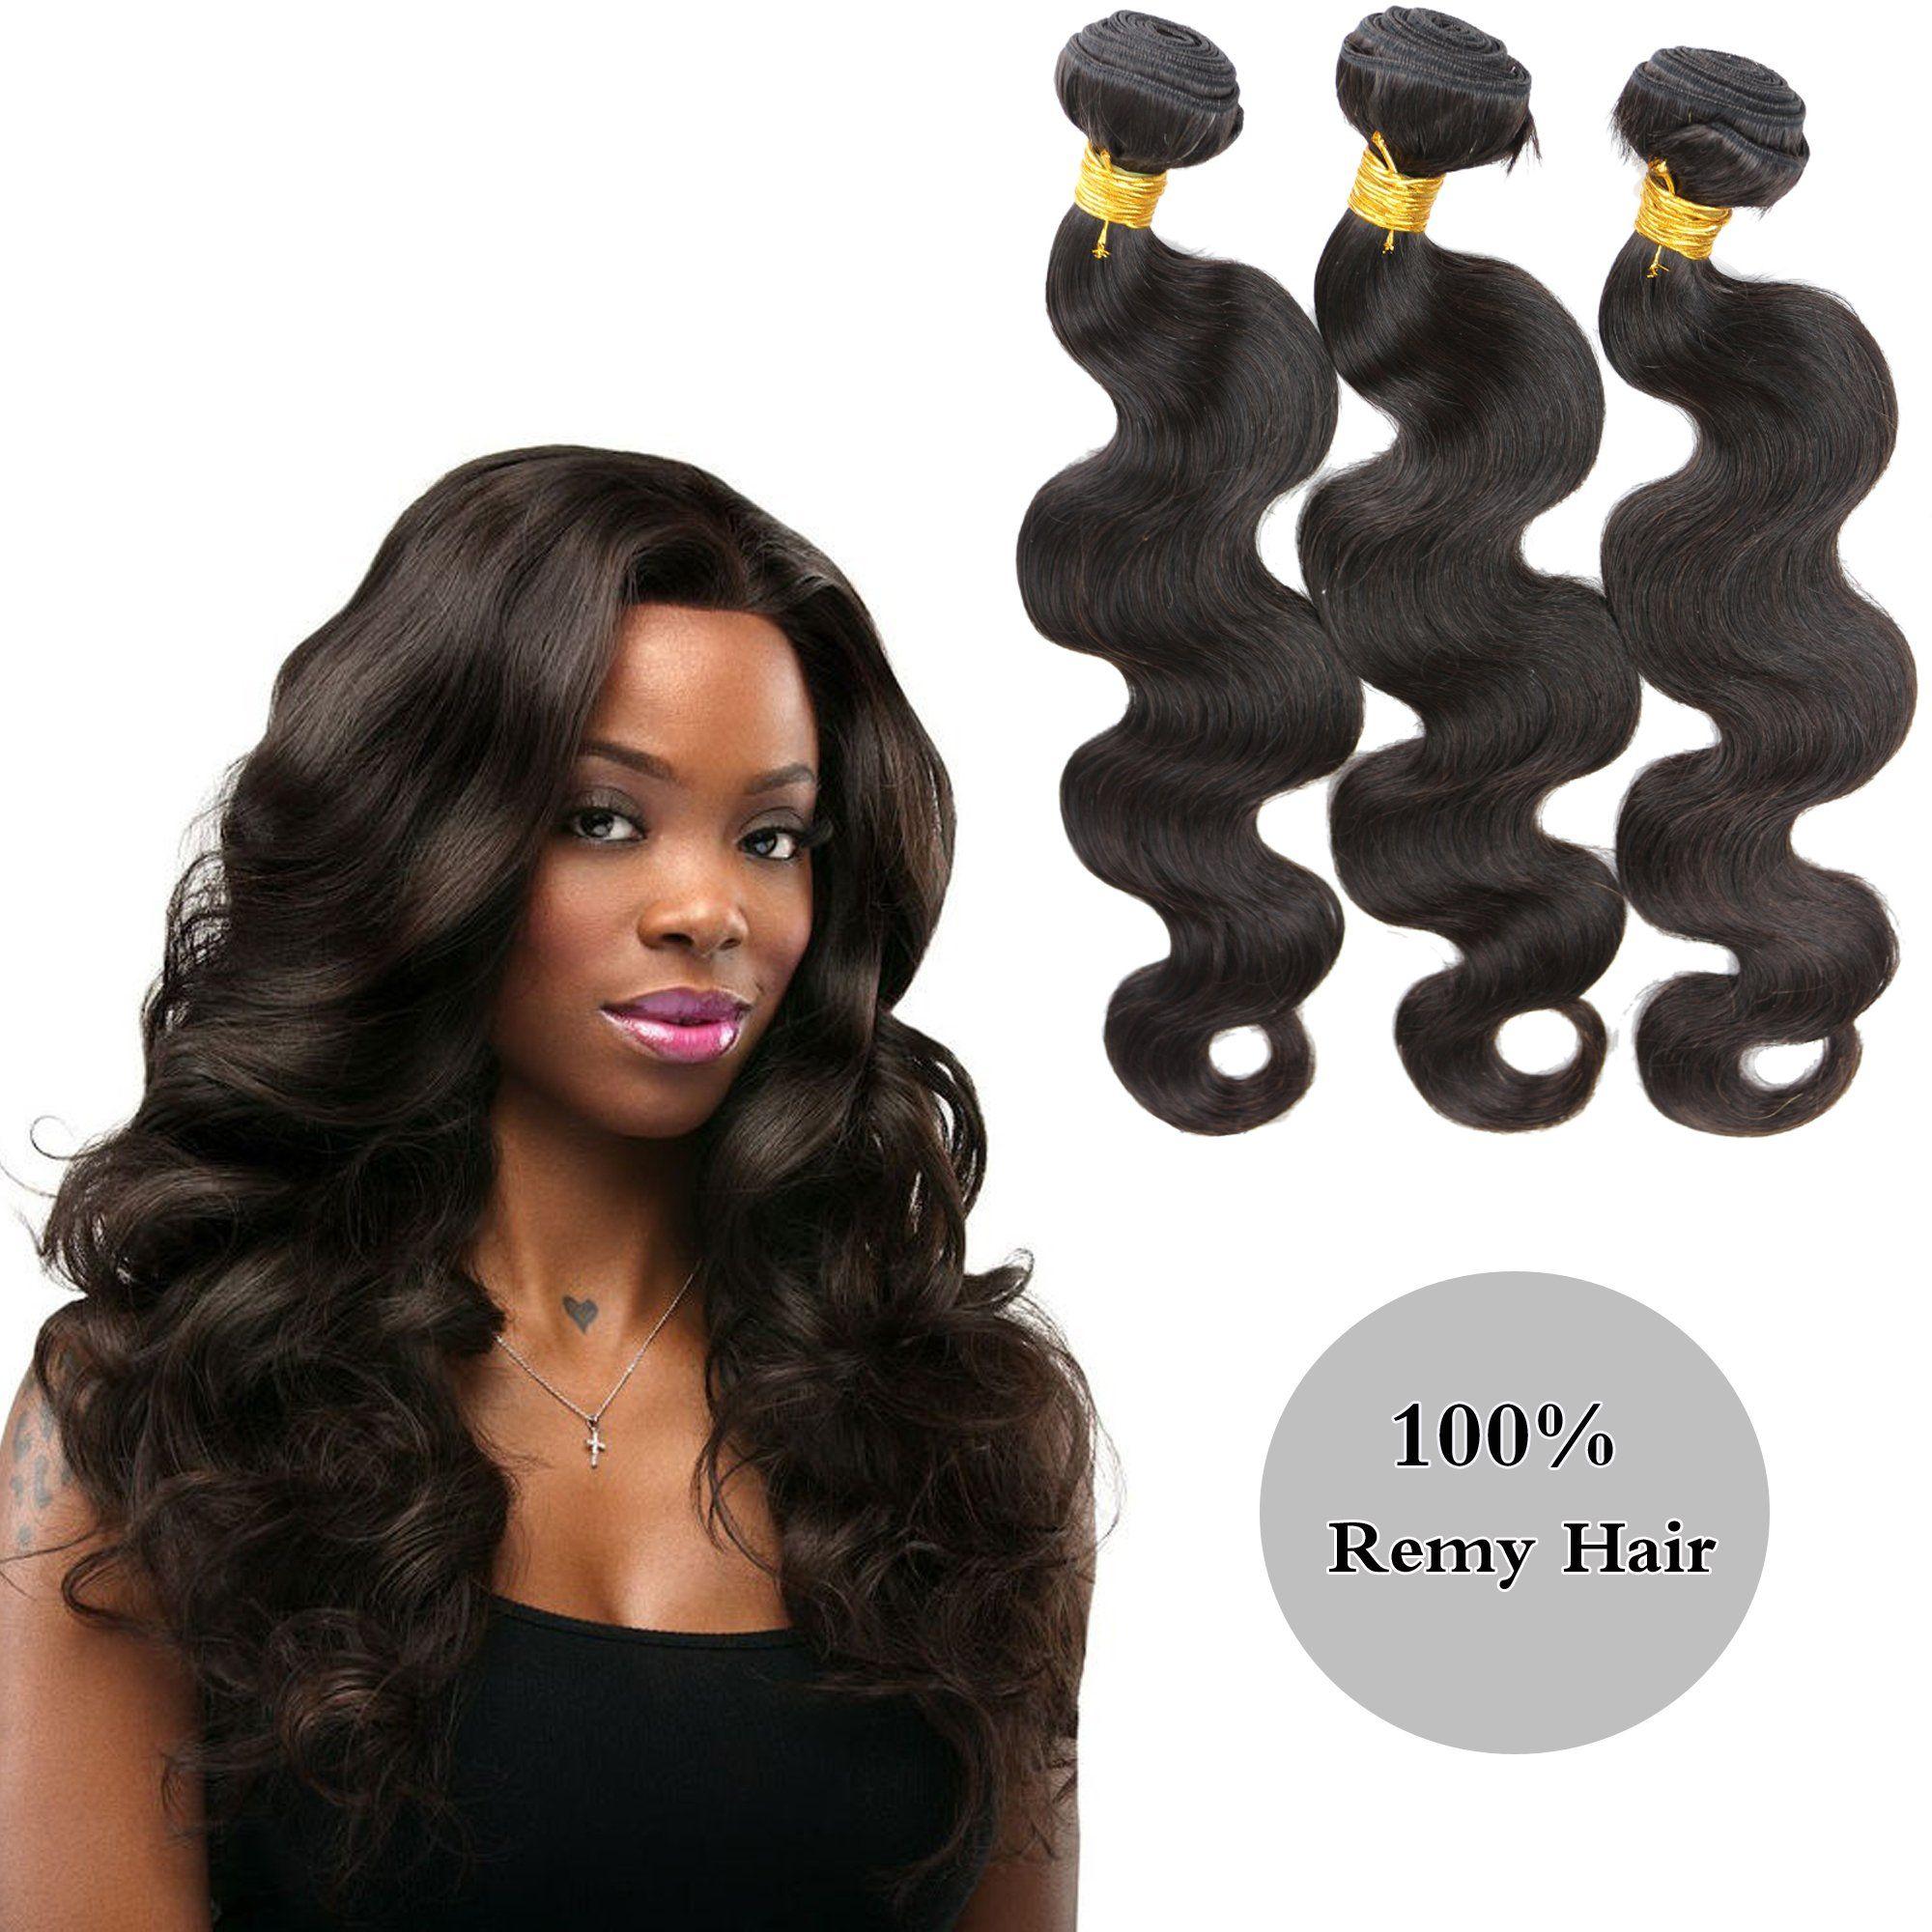 Dreambeauty Best Human Hair Weave Unprocessed Brazilian Hair